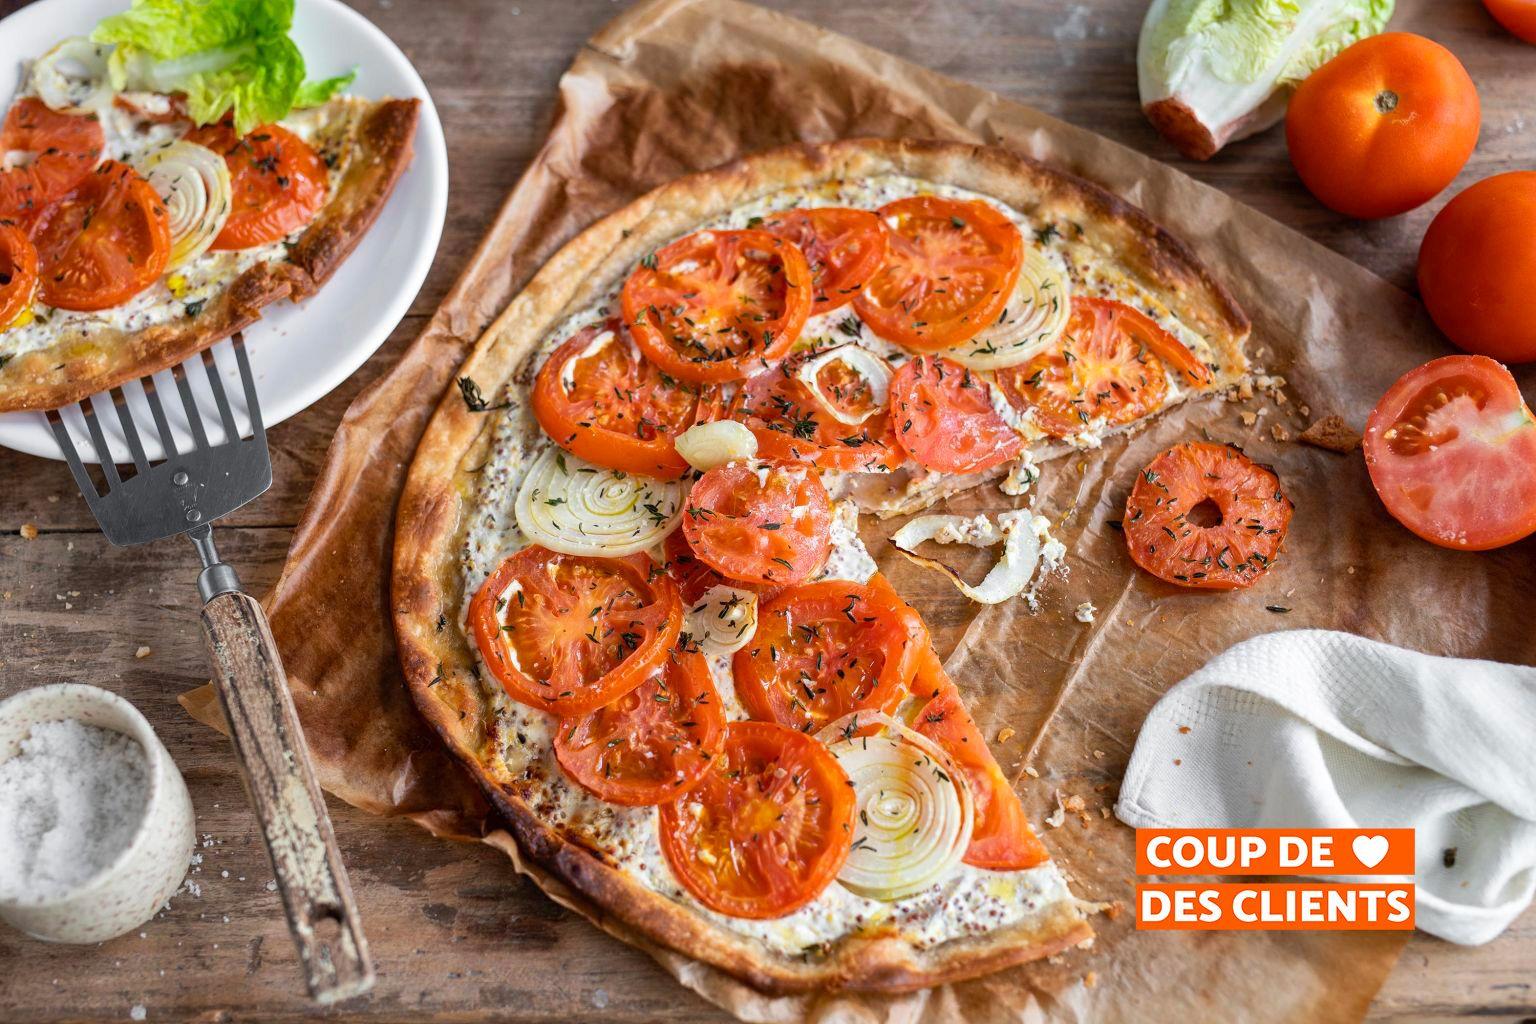 Tarte fine aux tomates et à la moutarde